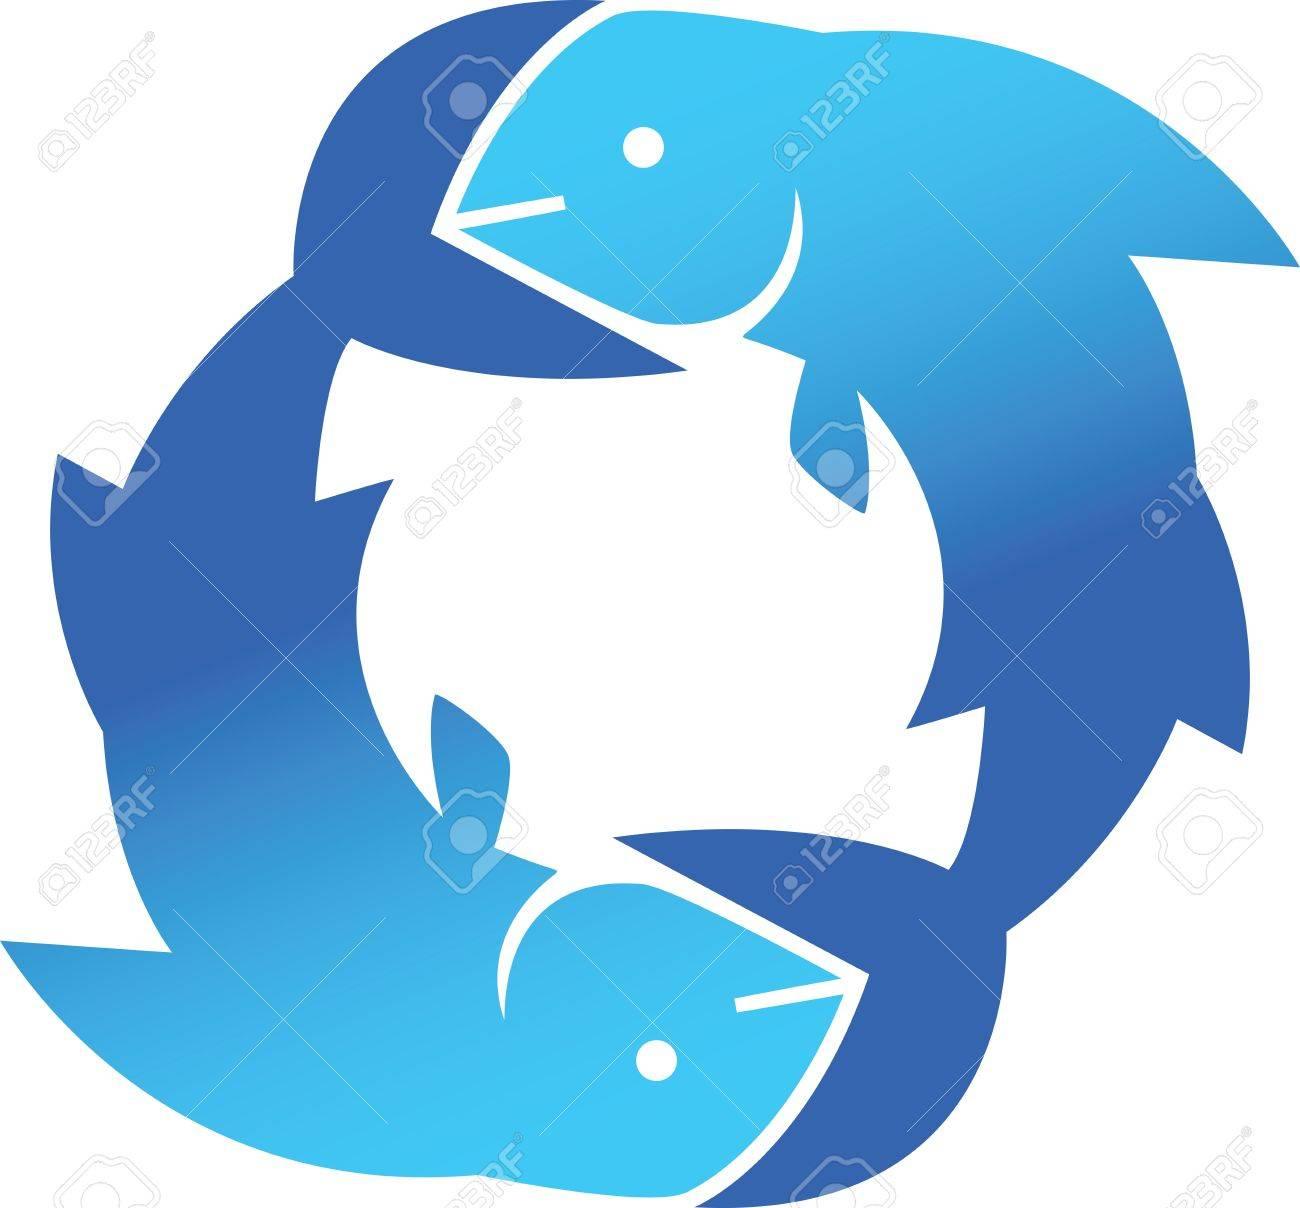 Fish Circle Stock Vector - 9197028